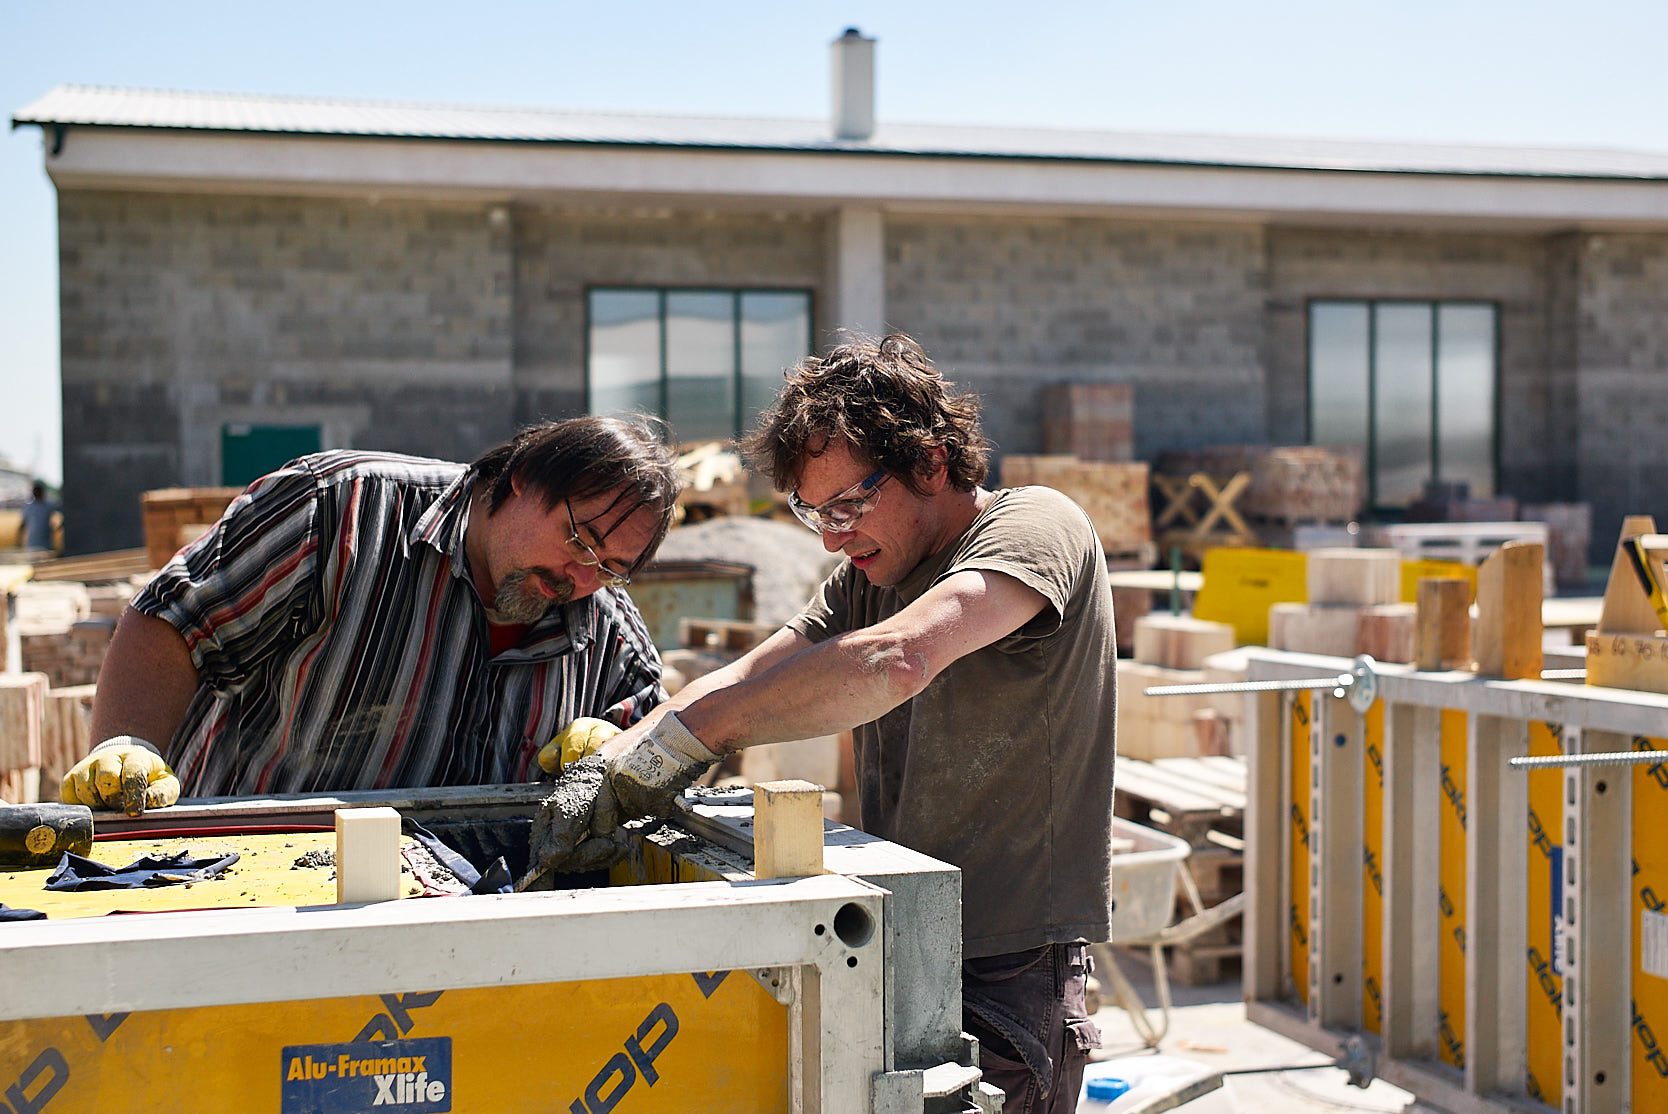 Venice Biennale 2010: Concretion Building Process